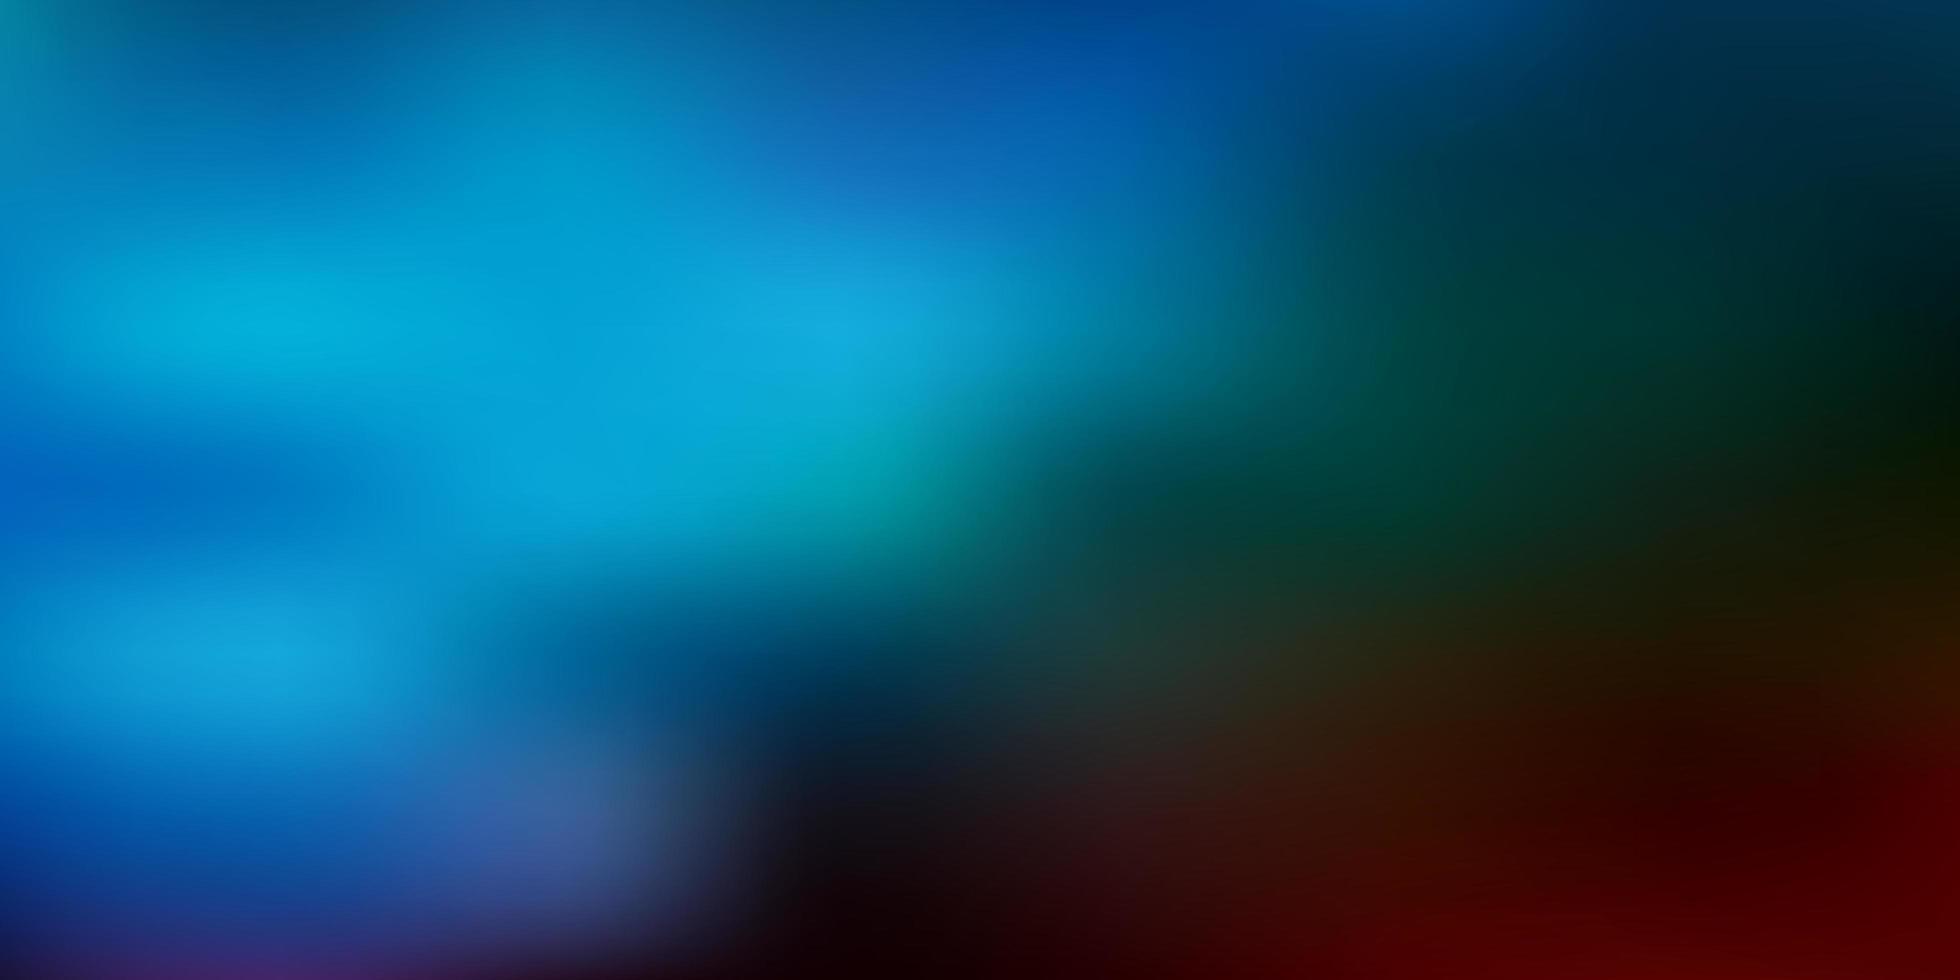 patrón de desenfoque degradado de vector azul claro, rojo.